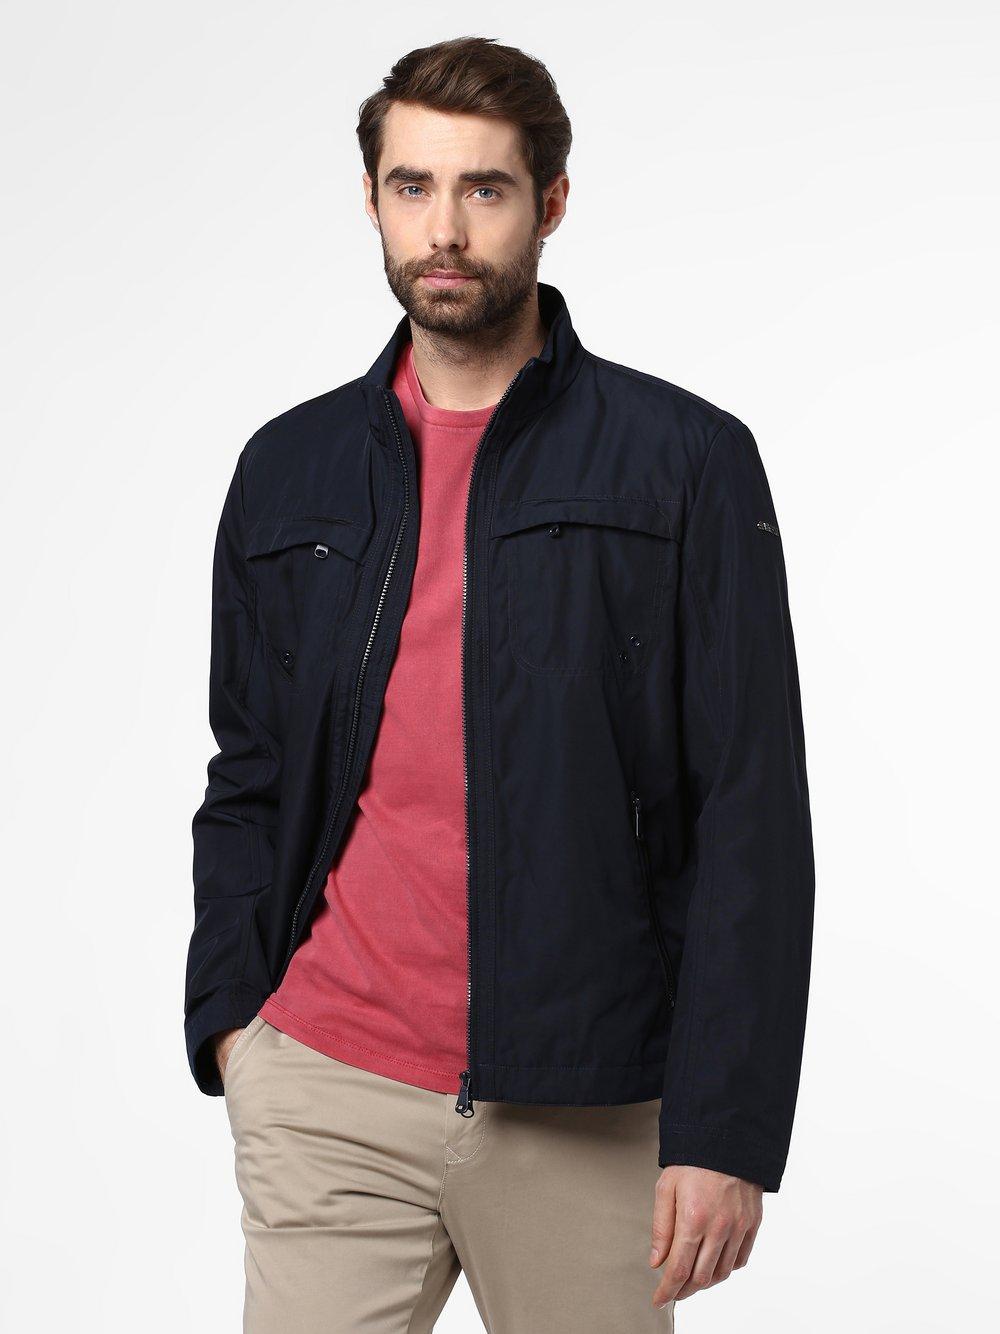 GEOX - Męska kurtka funkcyjna – Renny, niebieski